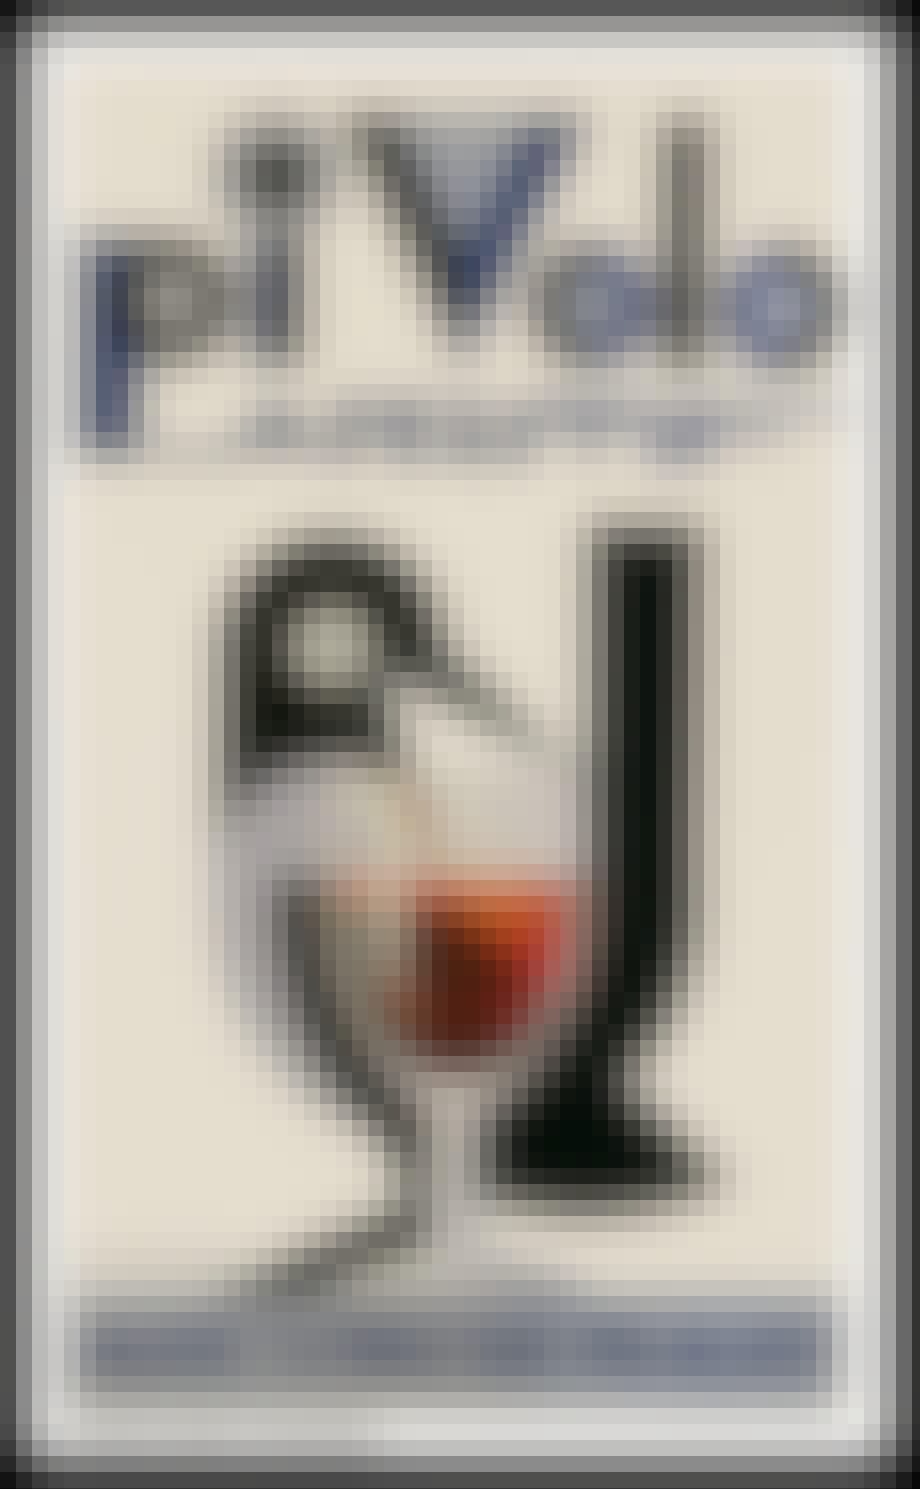 Pivolo-1925